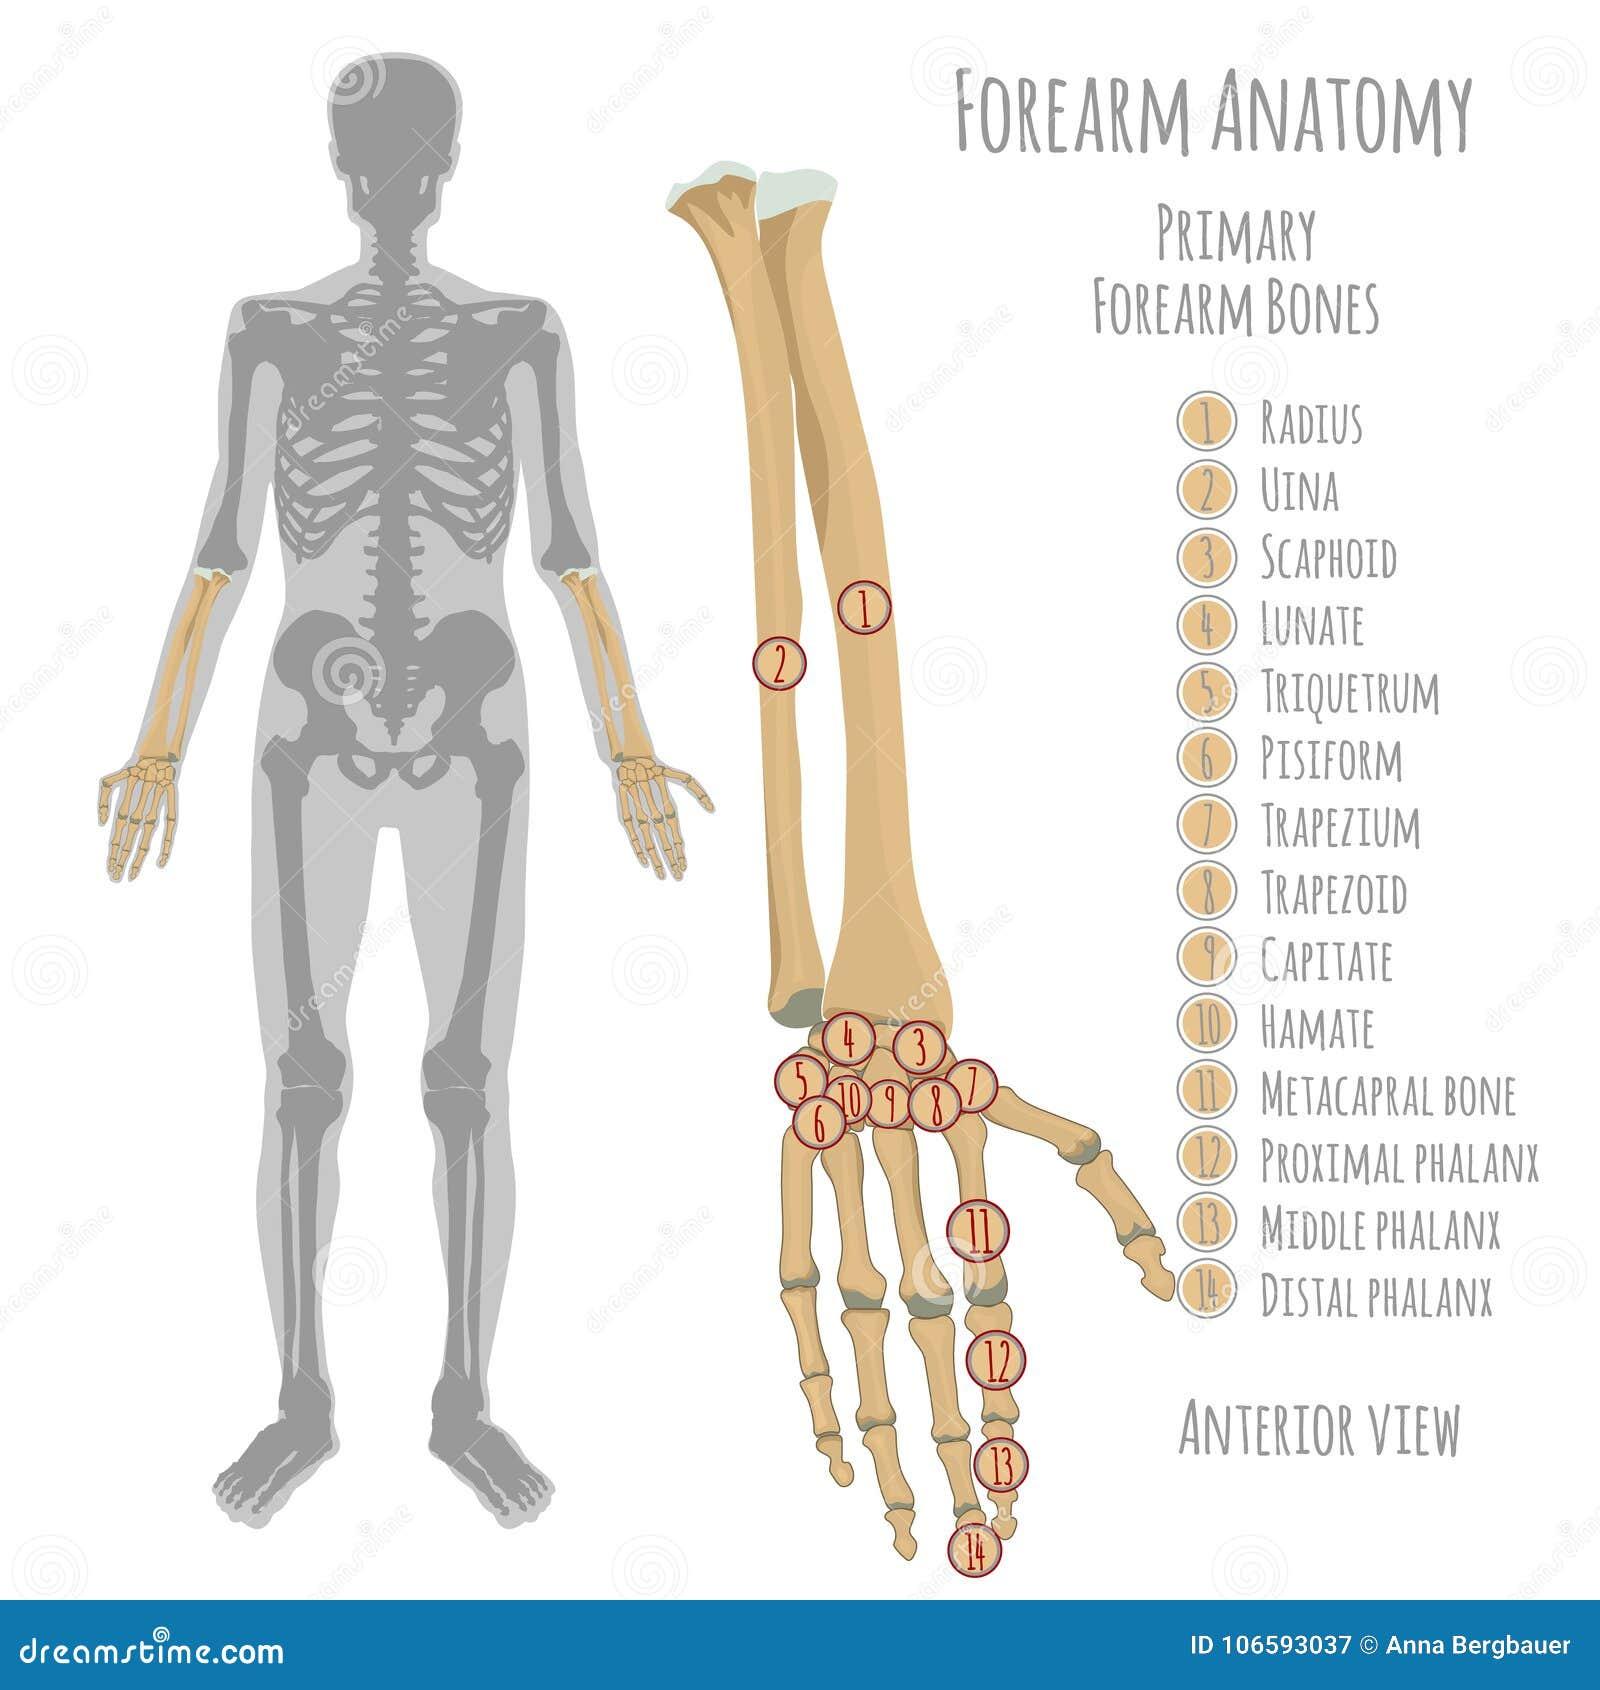 De mannelijke anatomie van voorarmbeenderen